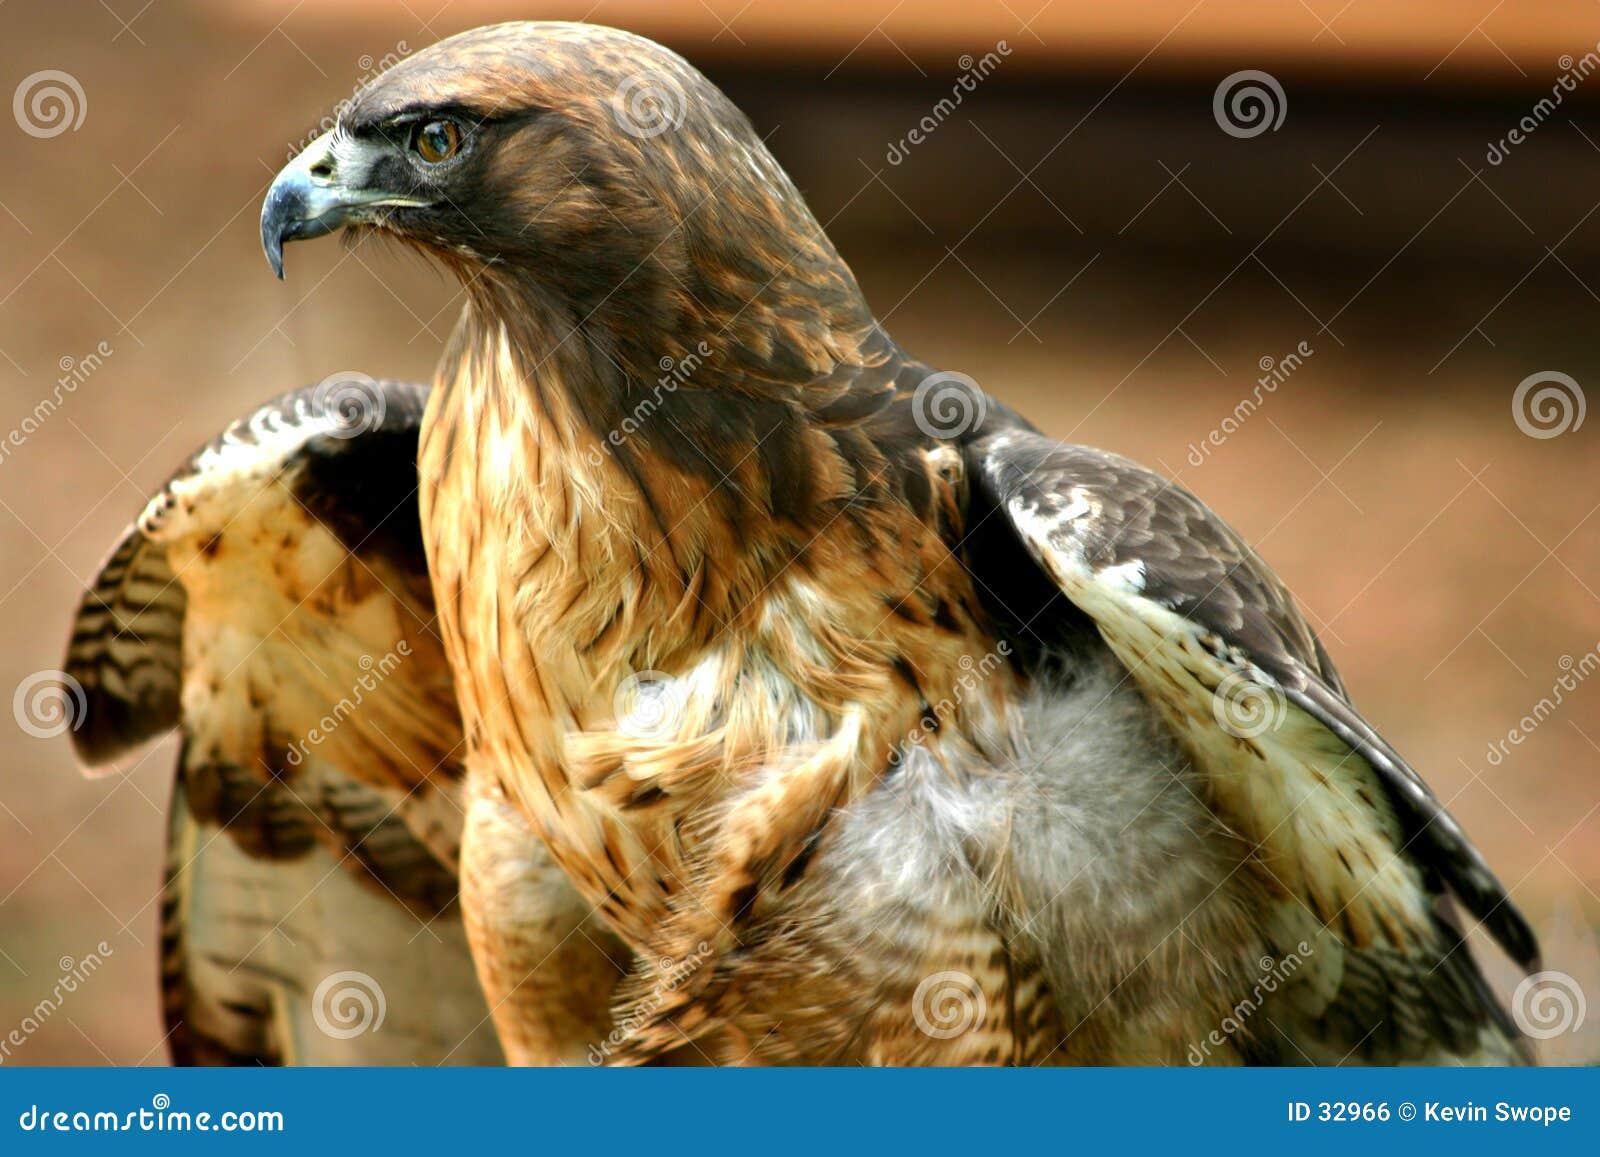 Download Hawk 3 zdjęcie stock. Obraz złożonej z czerwień, dziki, ptak - 32966